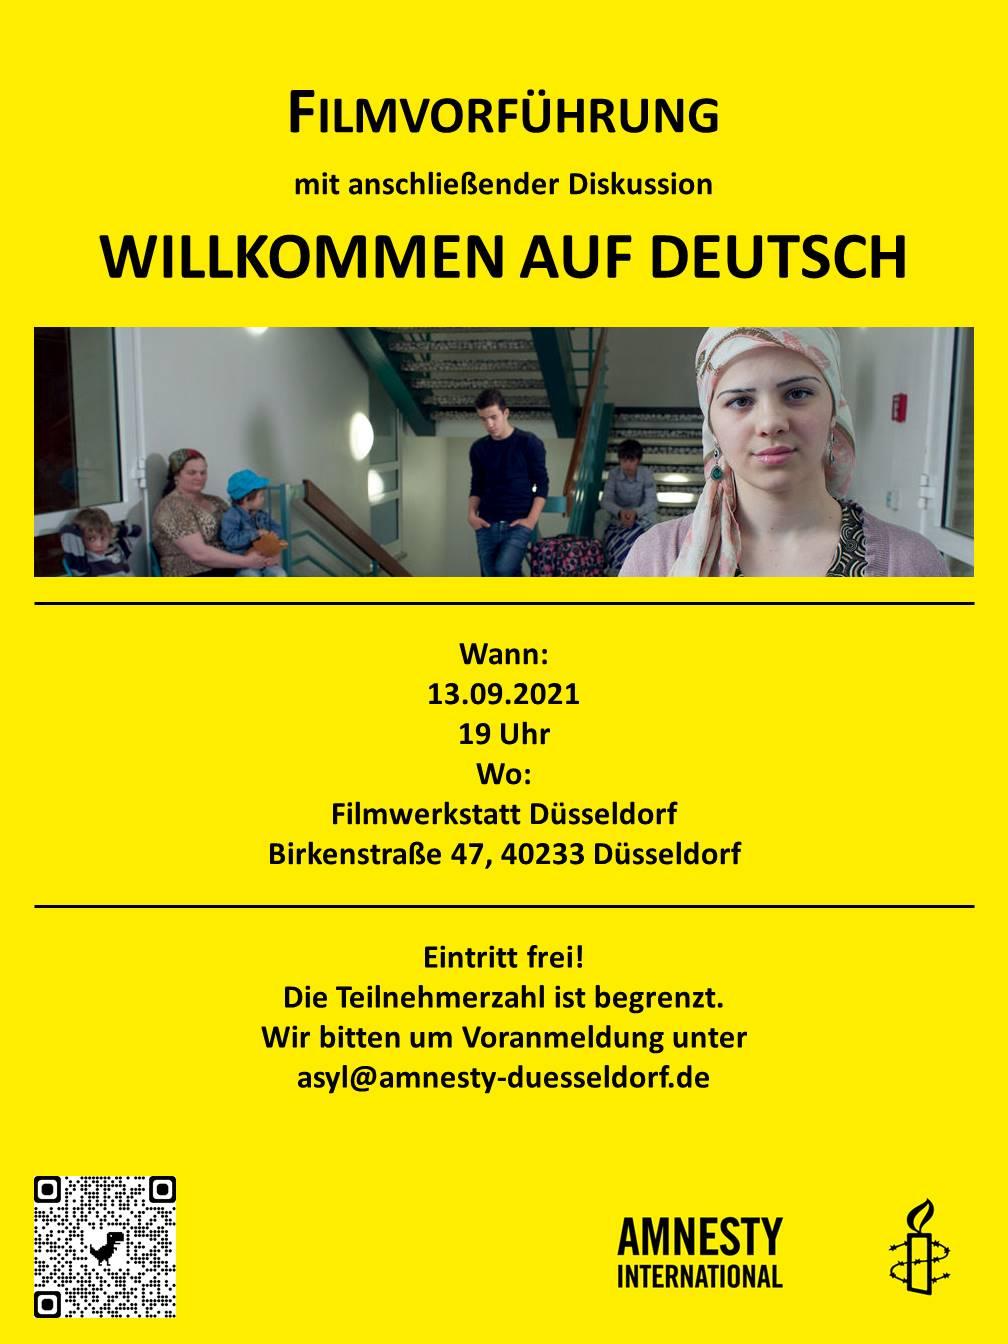 """Plakat zur Filmvorführung und Diskussion """"Willkommen auf Deutsch"""" am 13. September 2021 um 19:00 Uhr in der FIlmwerkstatt Düsseldorf"""